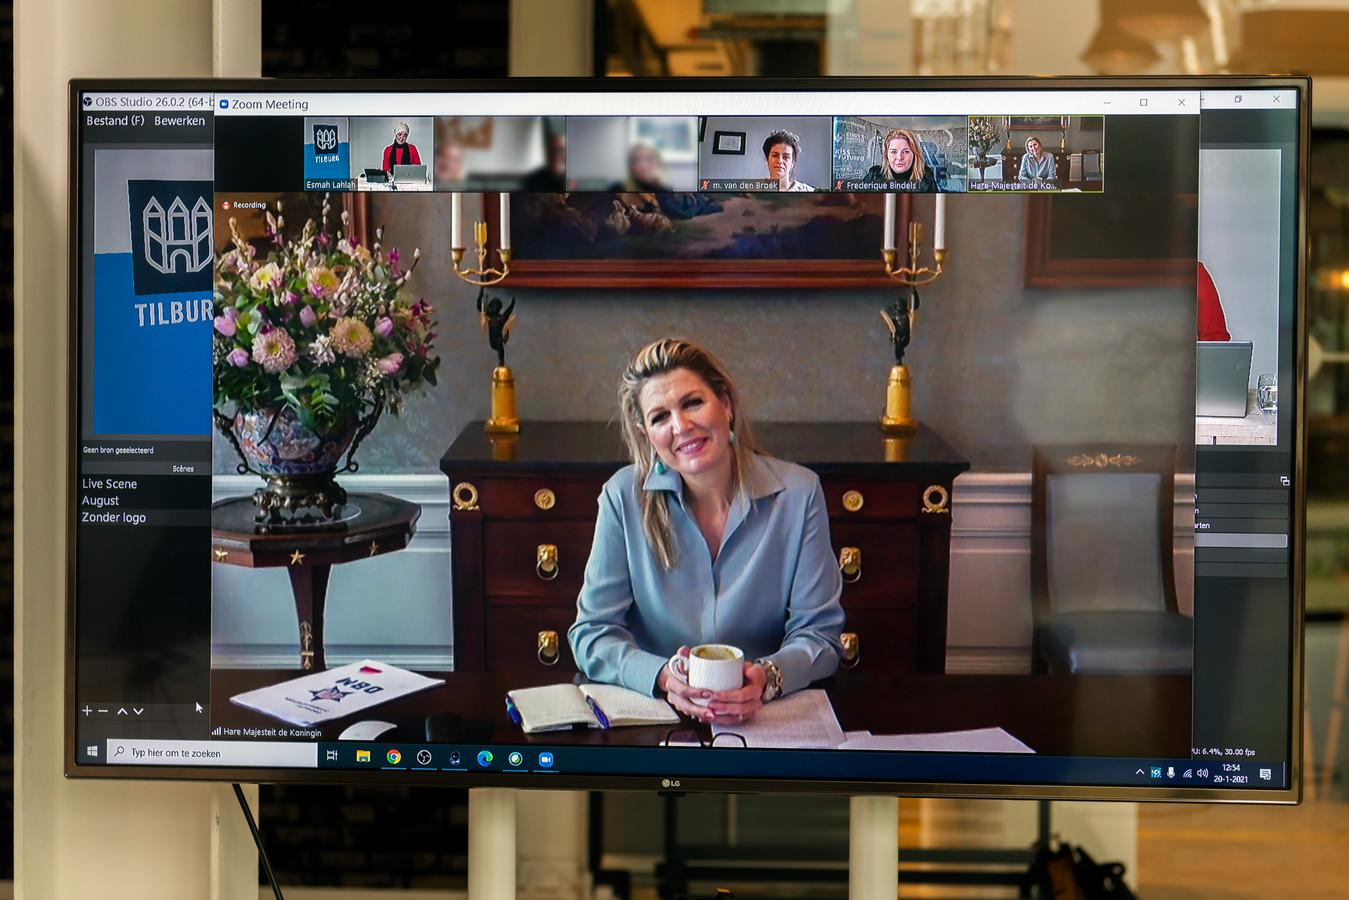 Esmah Lahlah, wethouder Arbeidsparticipatie en Bestaanszekerheid, digitaal in gesprek met onder meer Koningin Maxima over de Doorbraakmethode